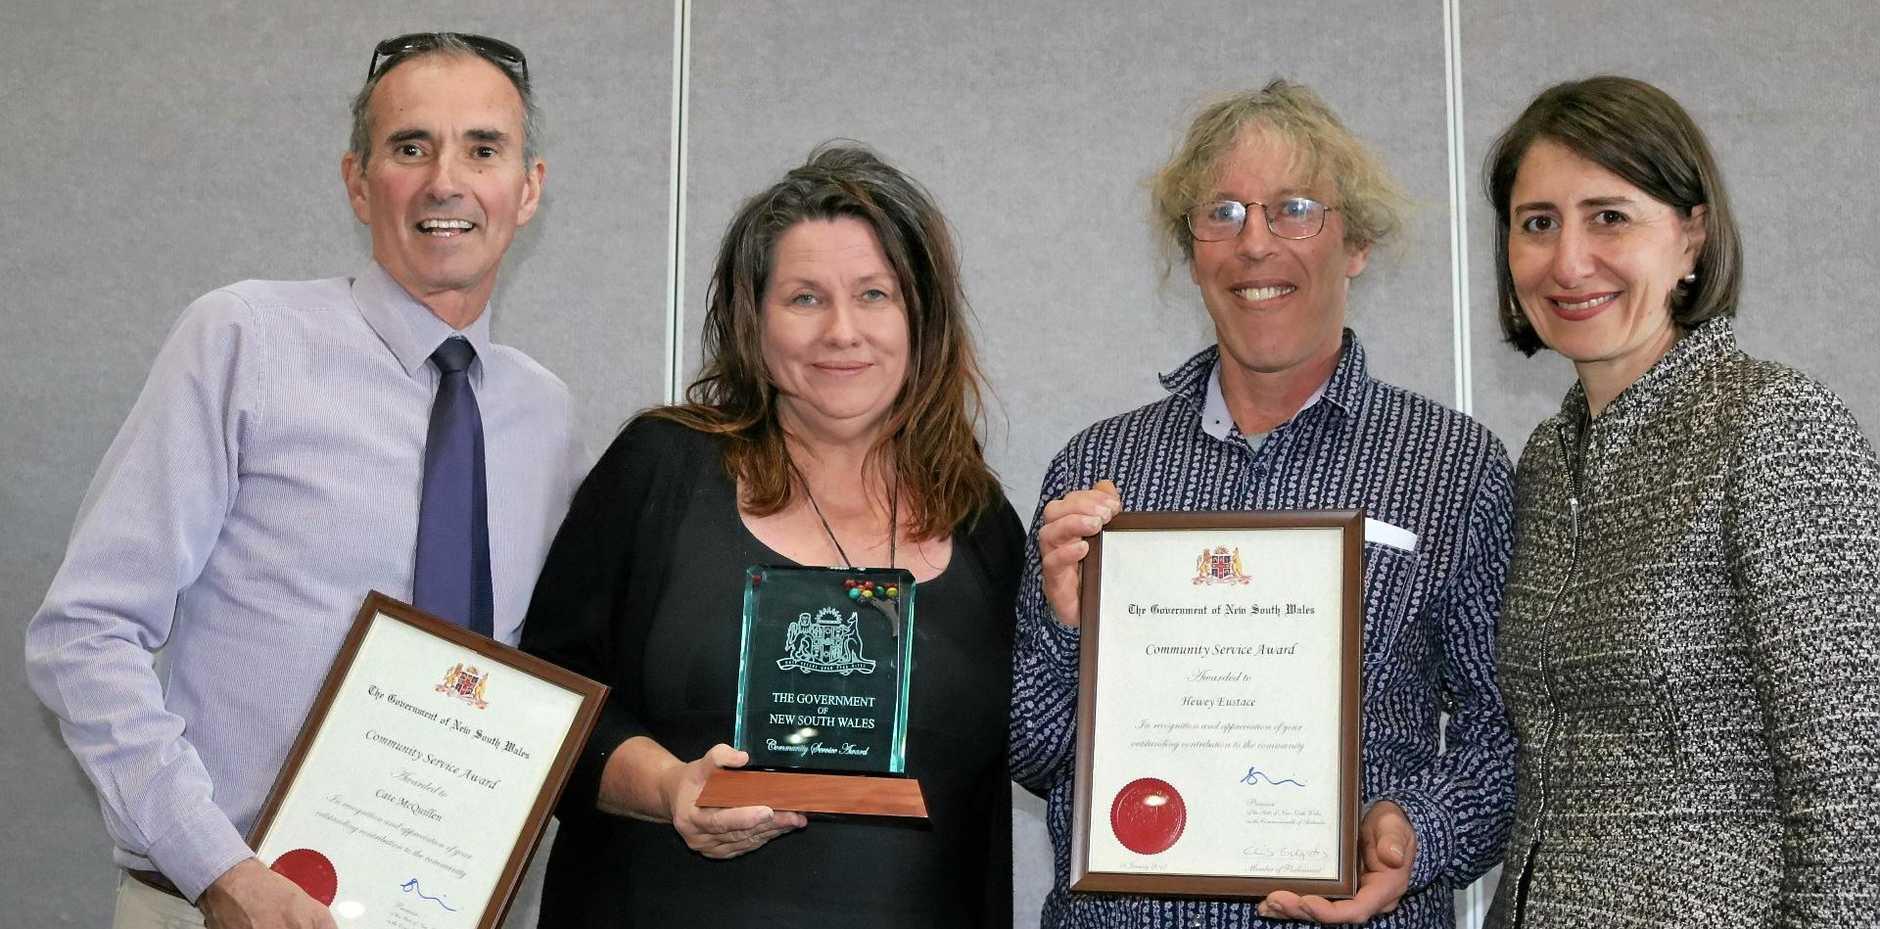 NSW Premier surprises dirtgirl creators with award   Daily Examiner